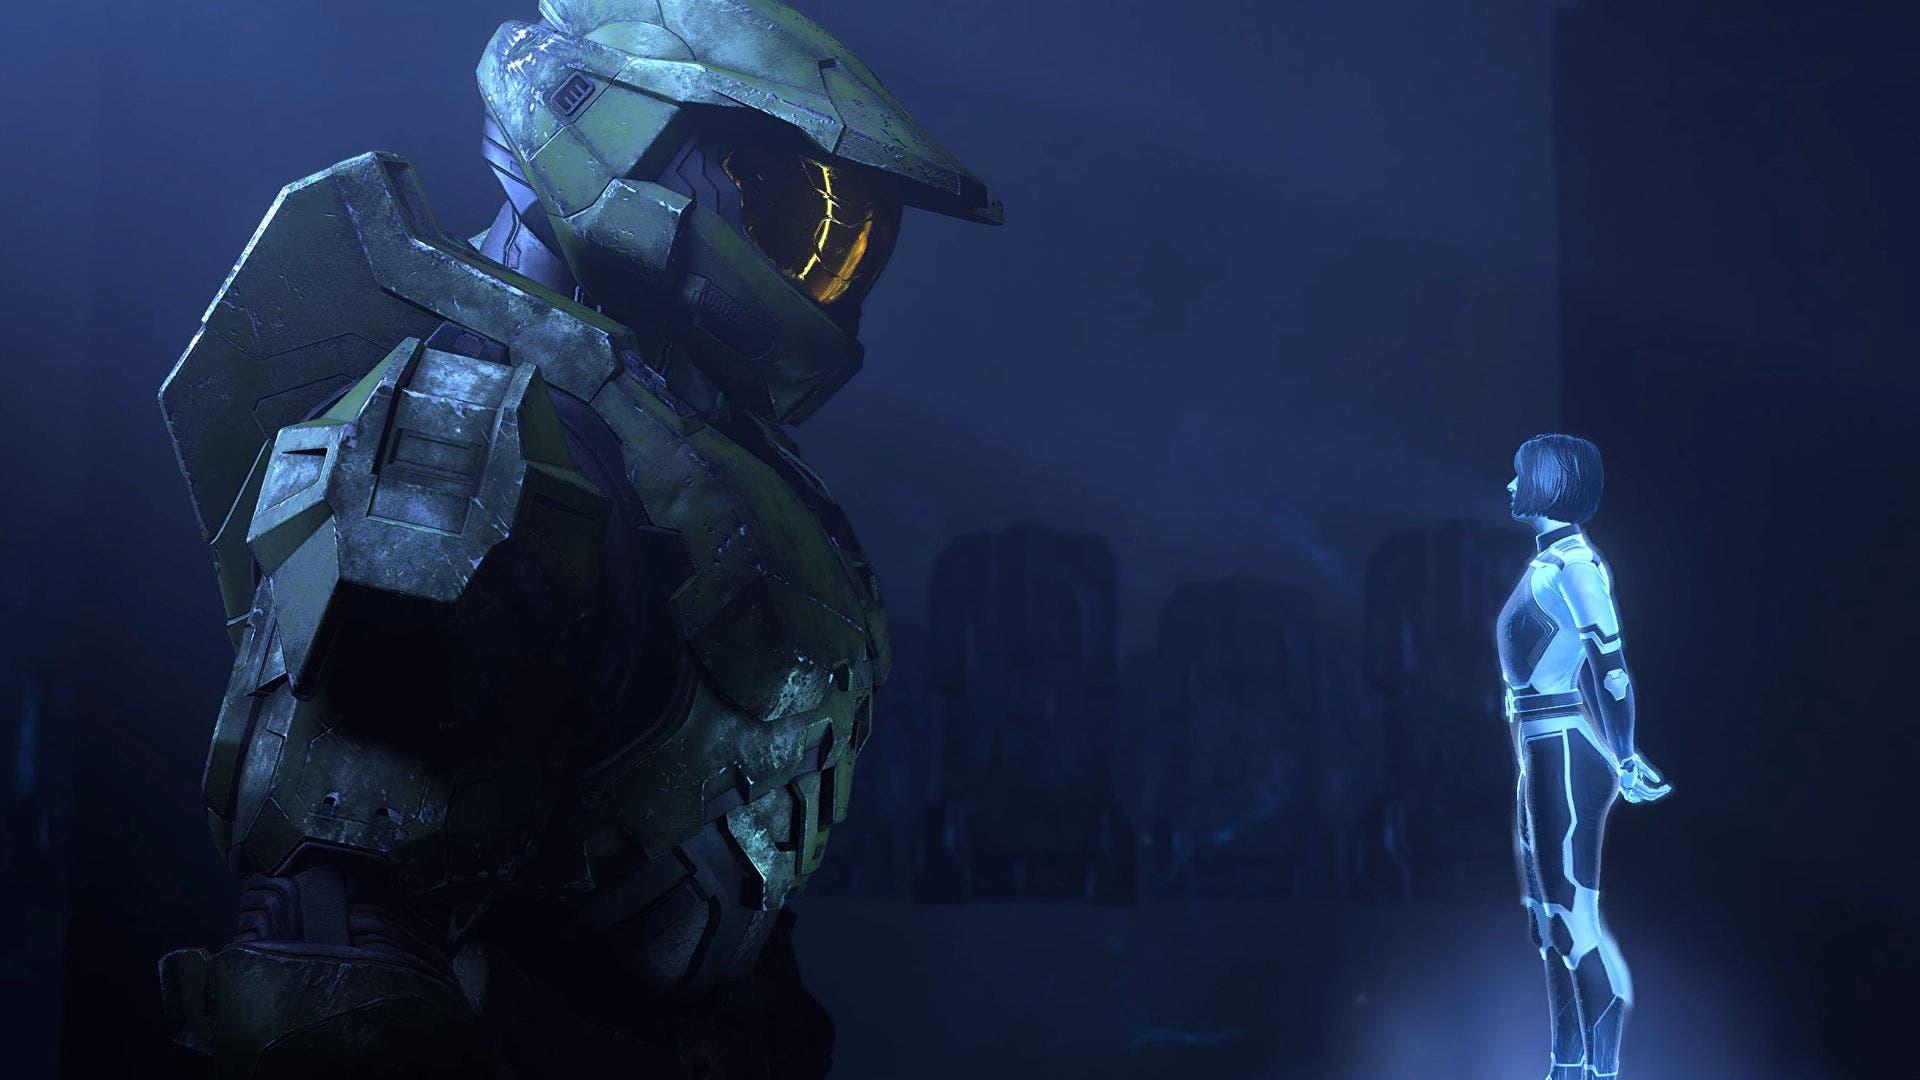 El campeón mundial de Halo afirma que el apuntado asistido en Halo Infinite es el más bajo de todos los FPS que ha jugado 13